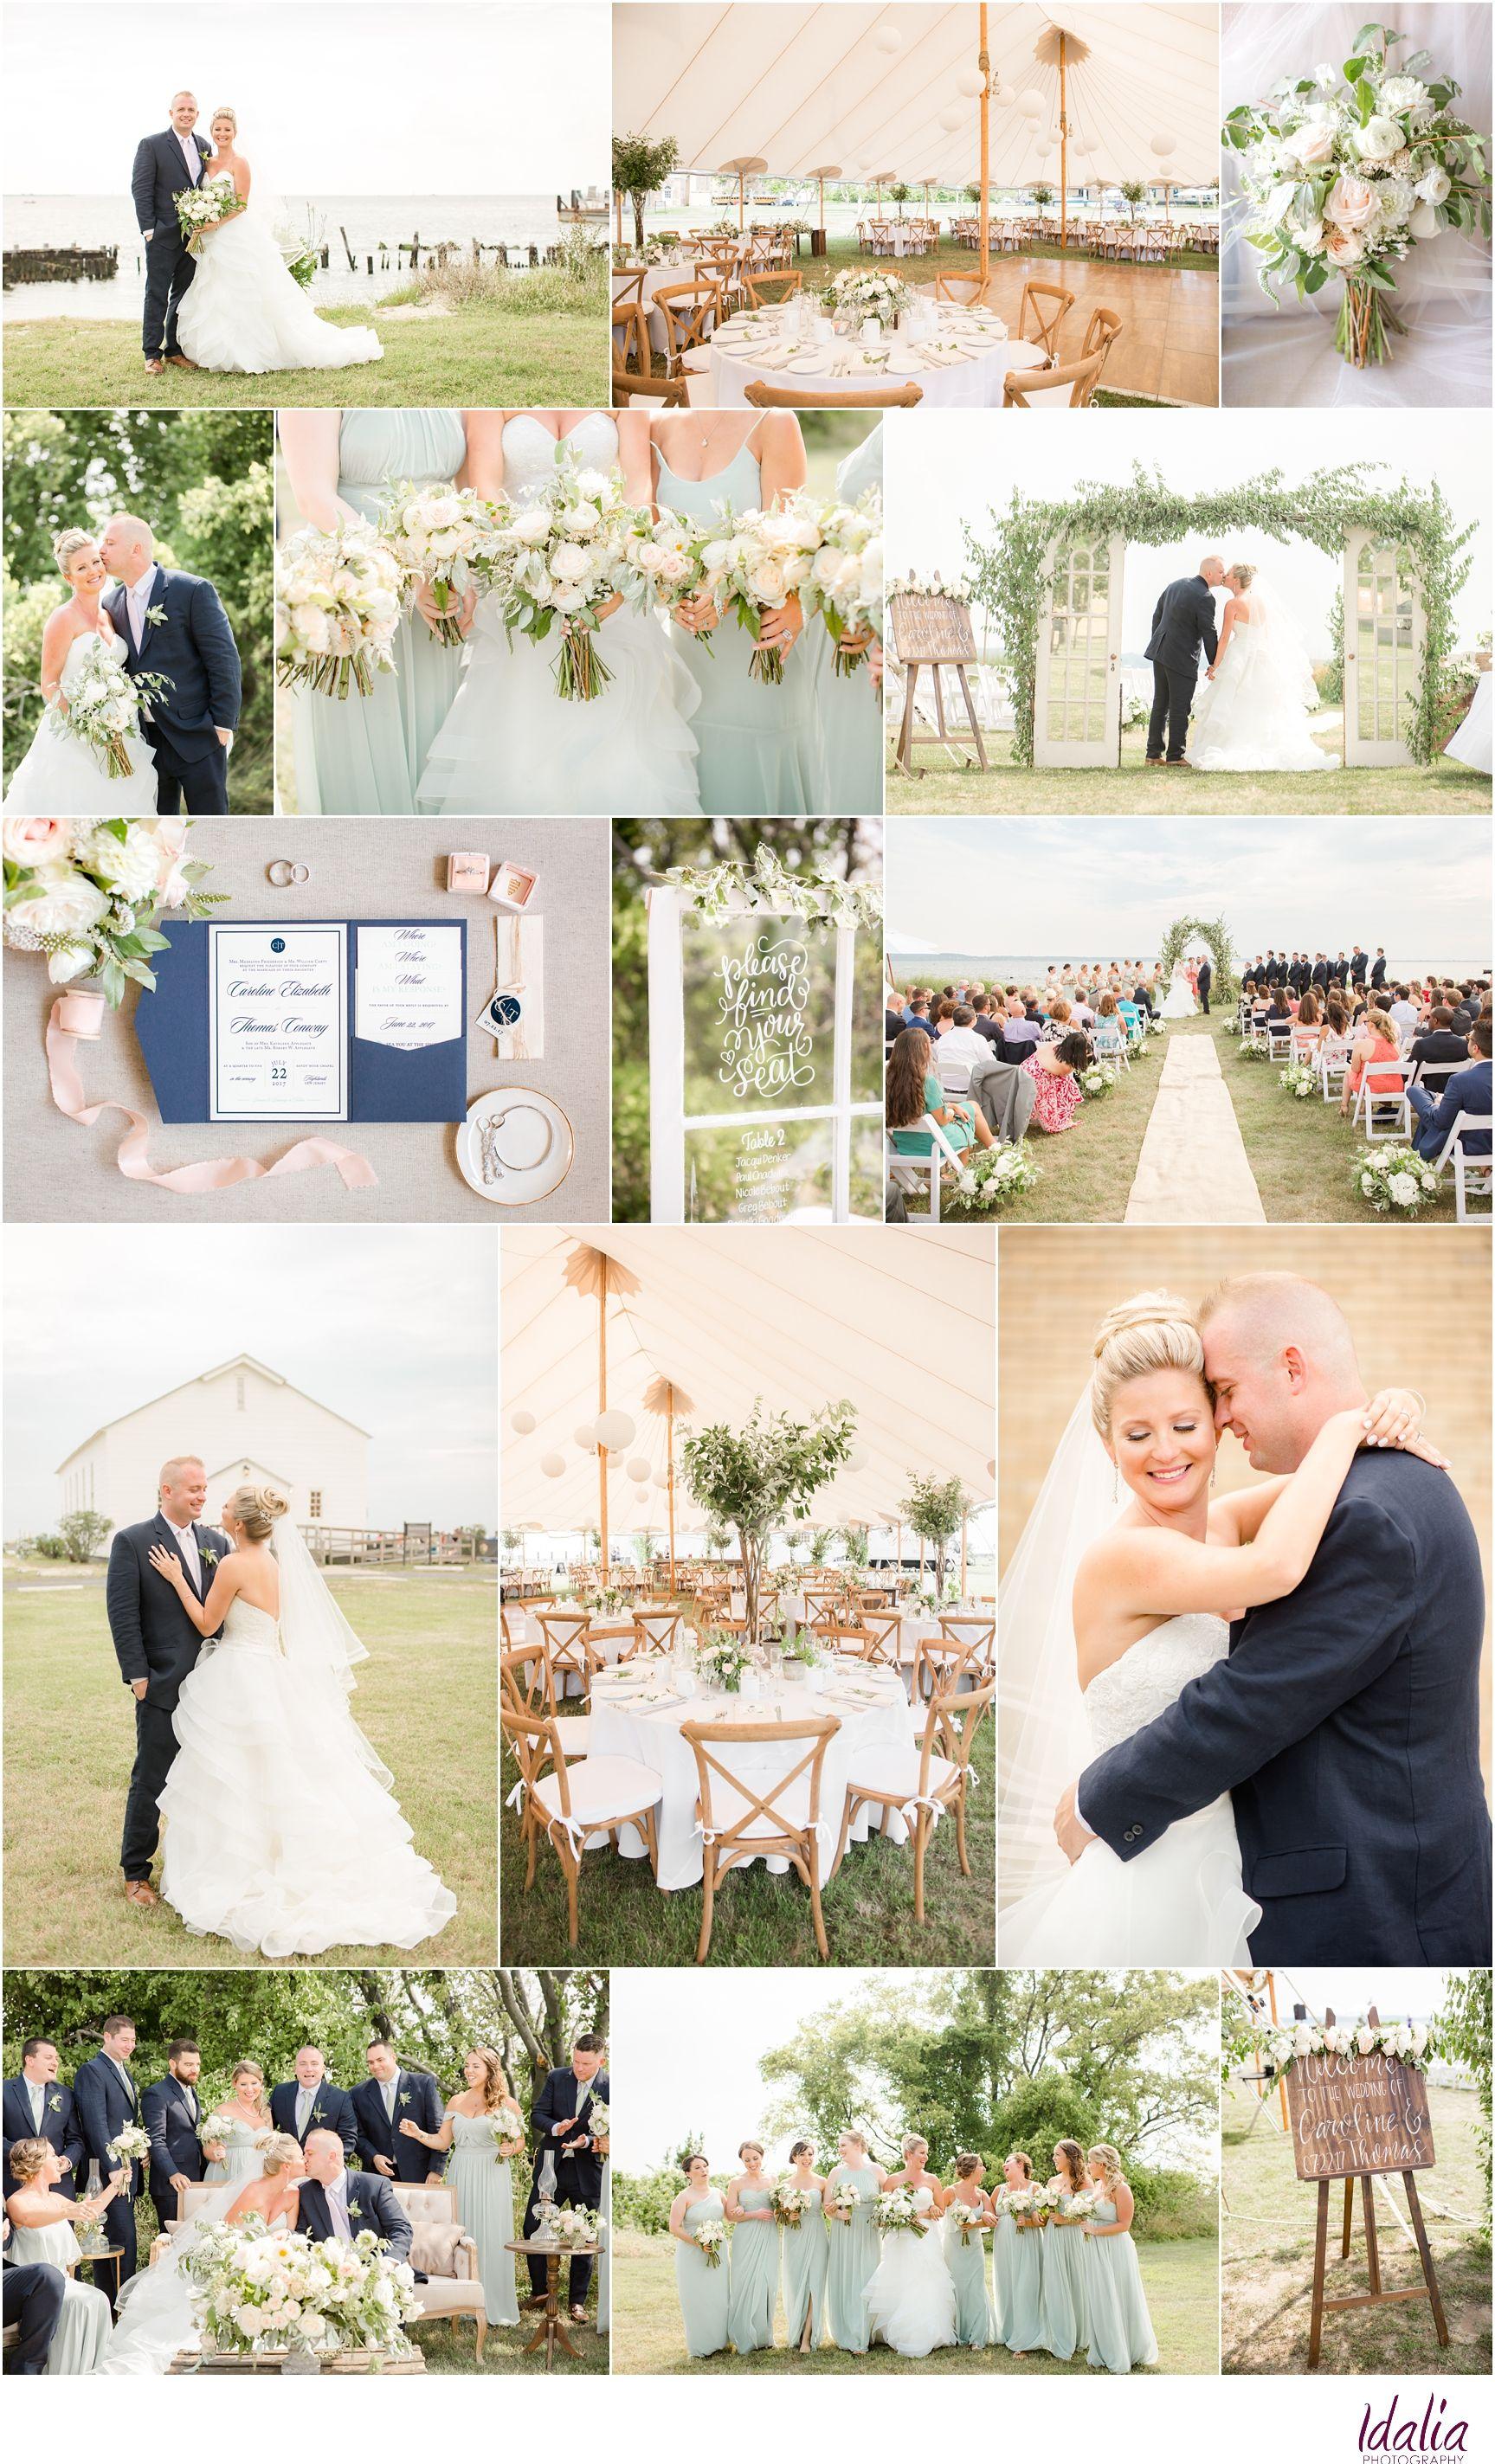 wedding venues asbury park nj%0A Explore Nj Wedding Venues  Chapel Wedding  and more